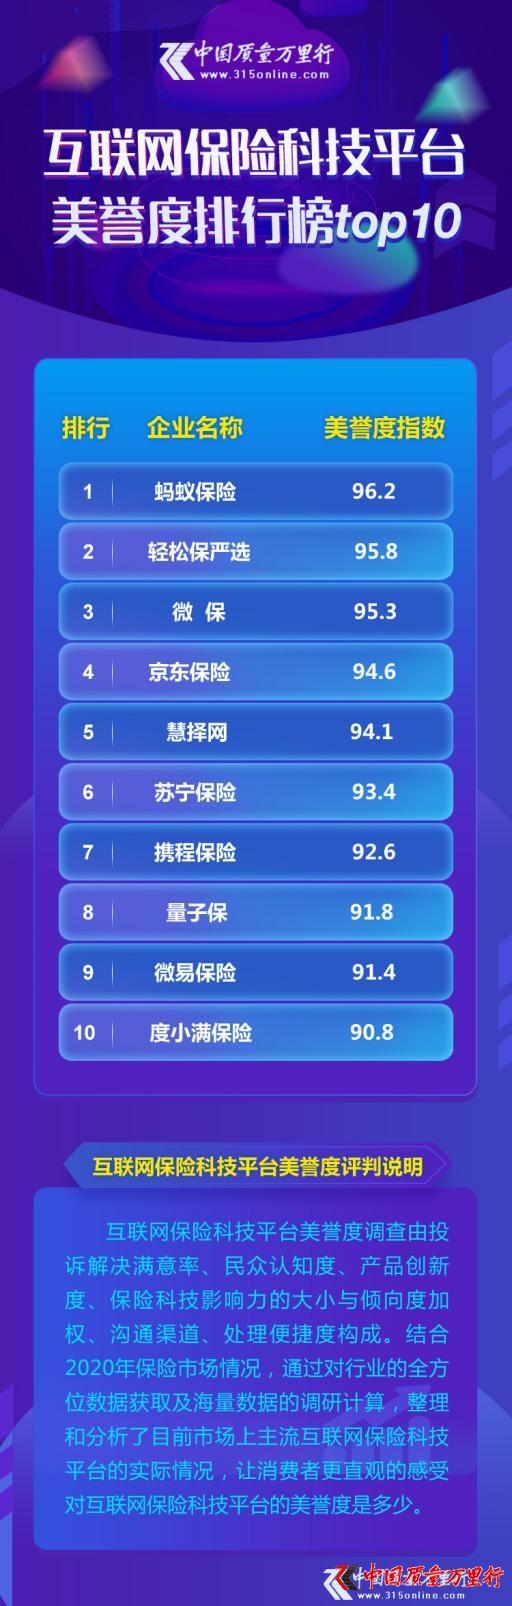 互联网保险科技平台美誉度排行榜TOP10发布